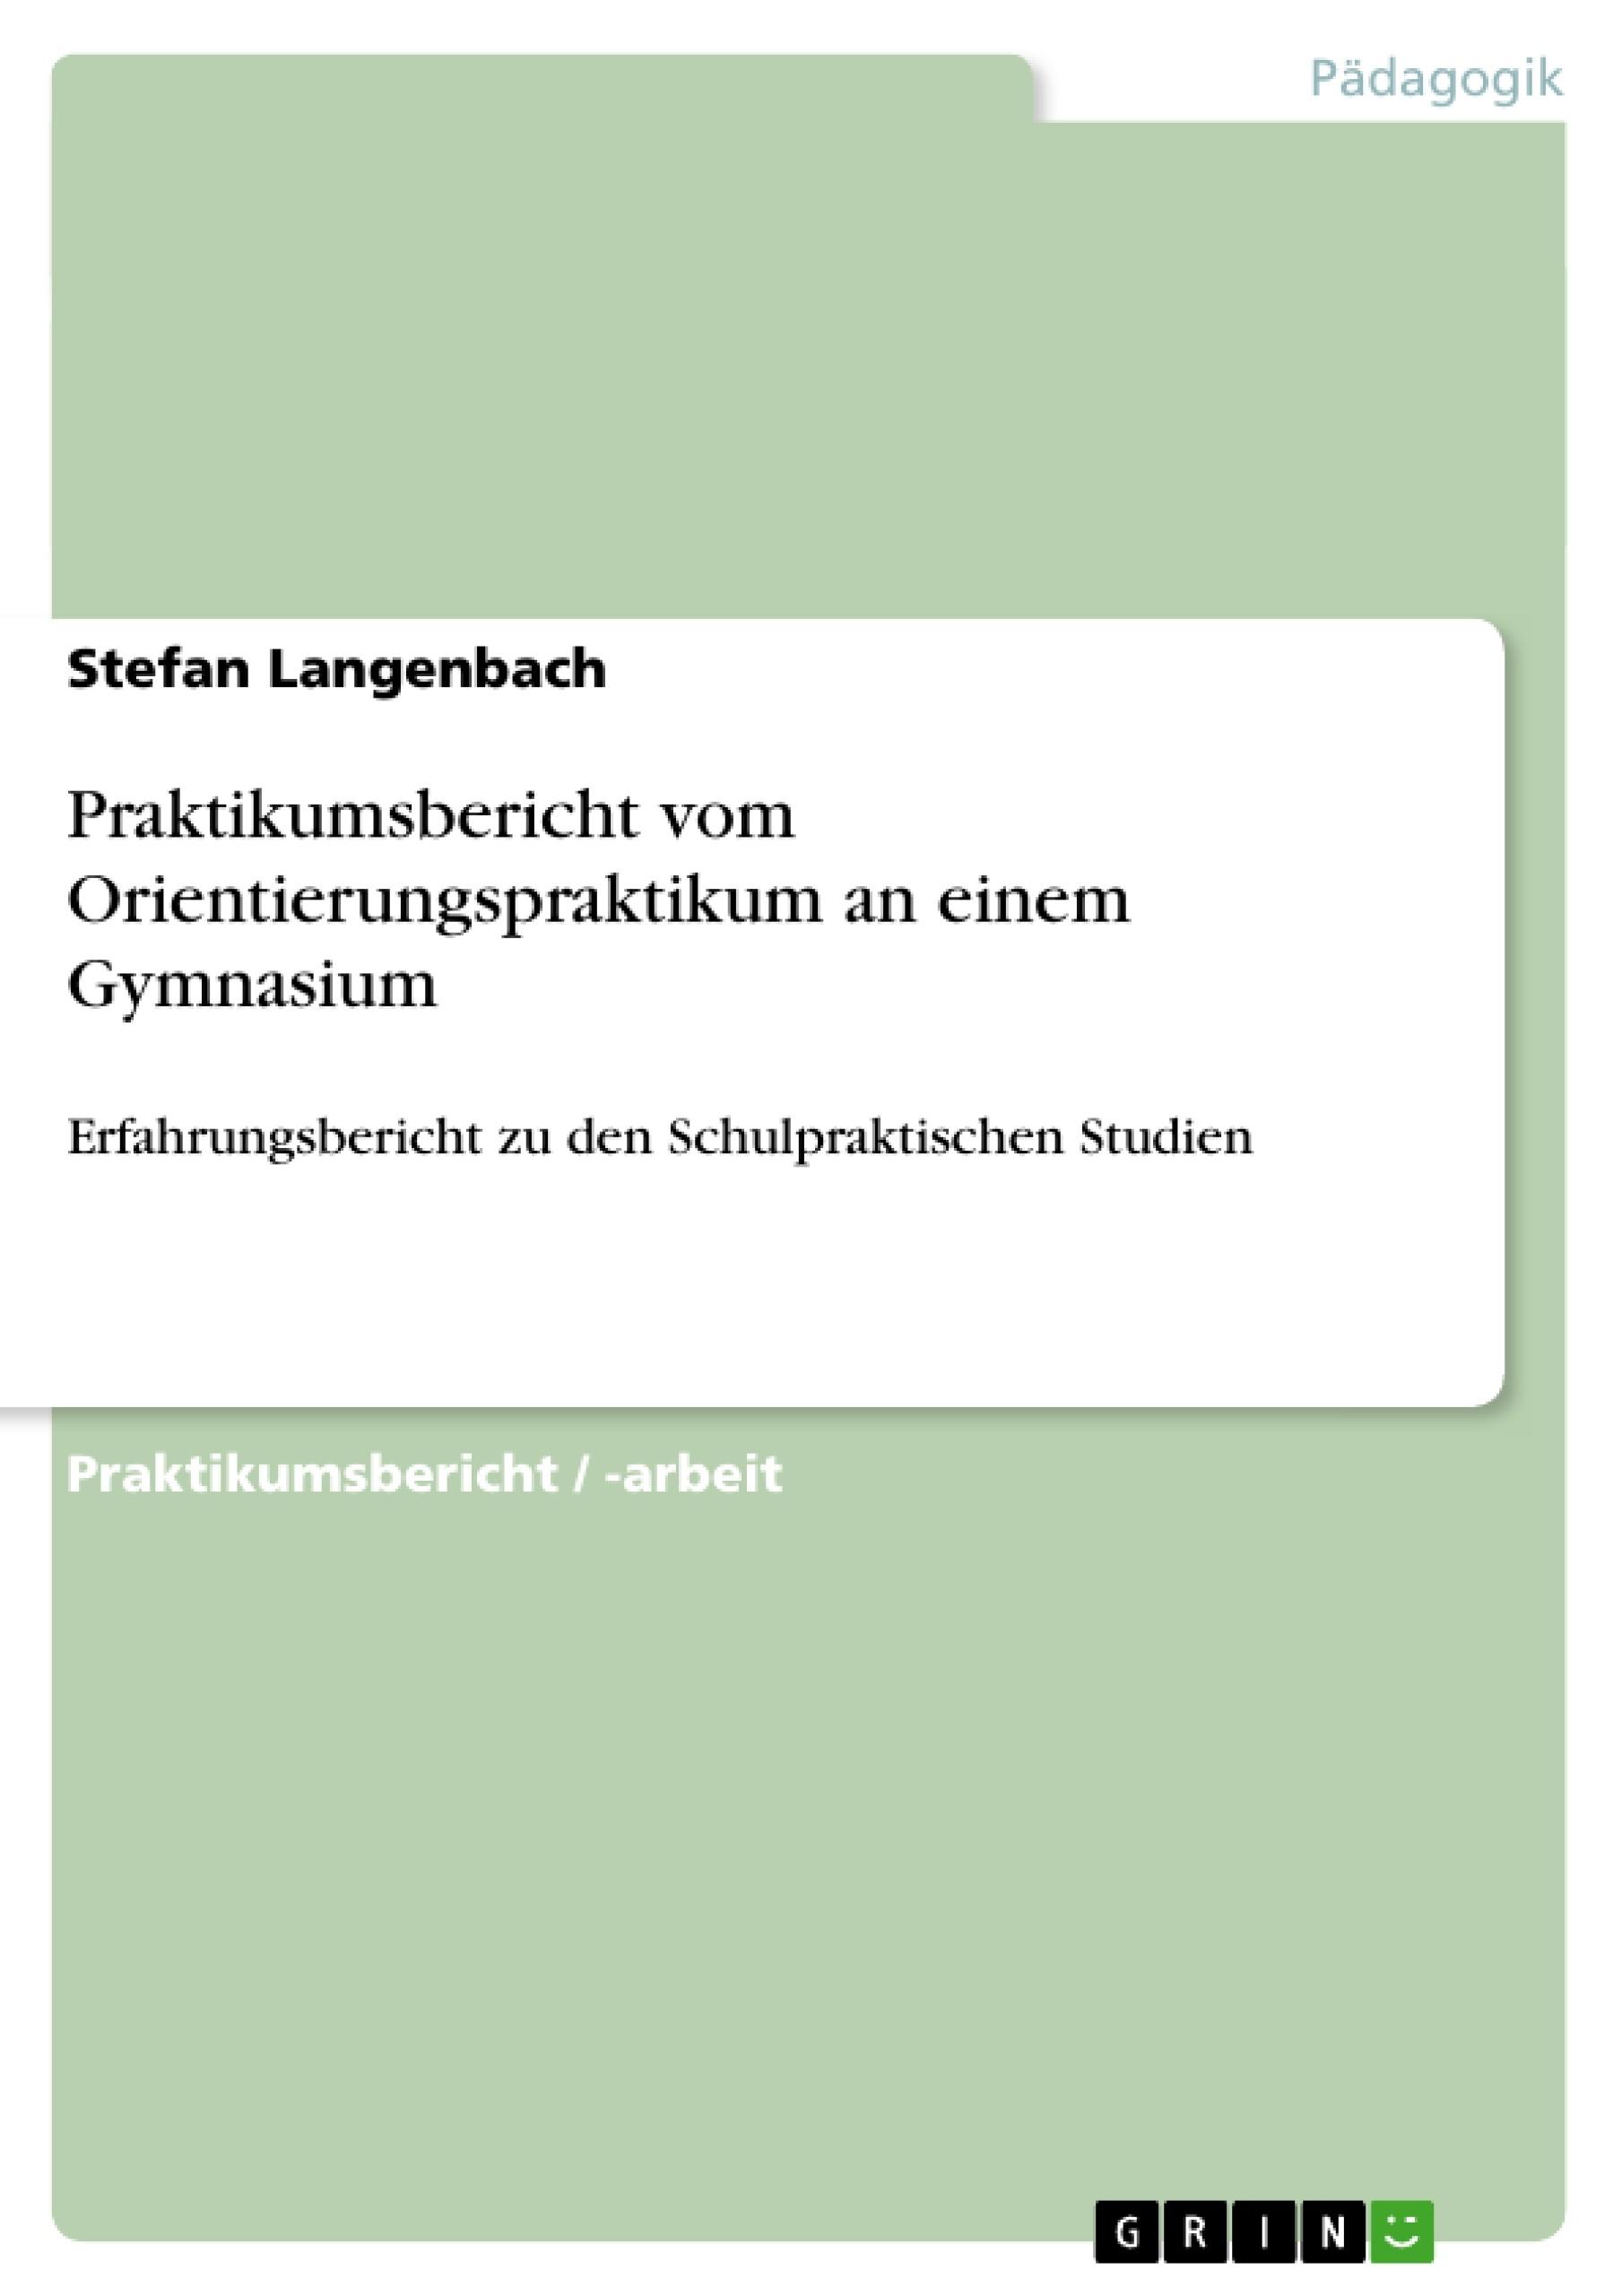 Titel: Praktikumsbericht vom Orientierungspraktikum an einem Gymnasium